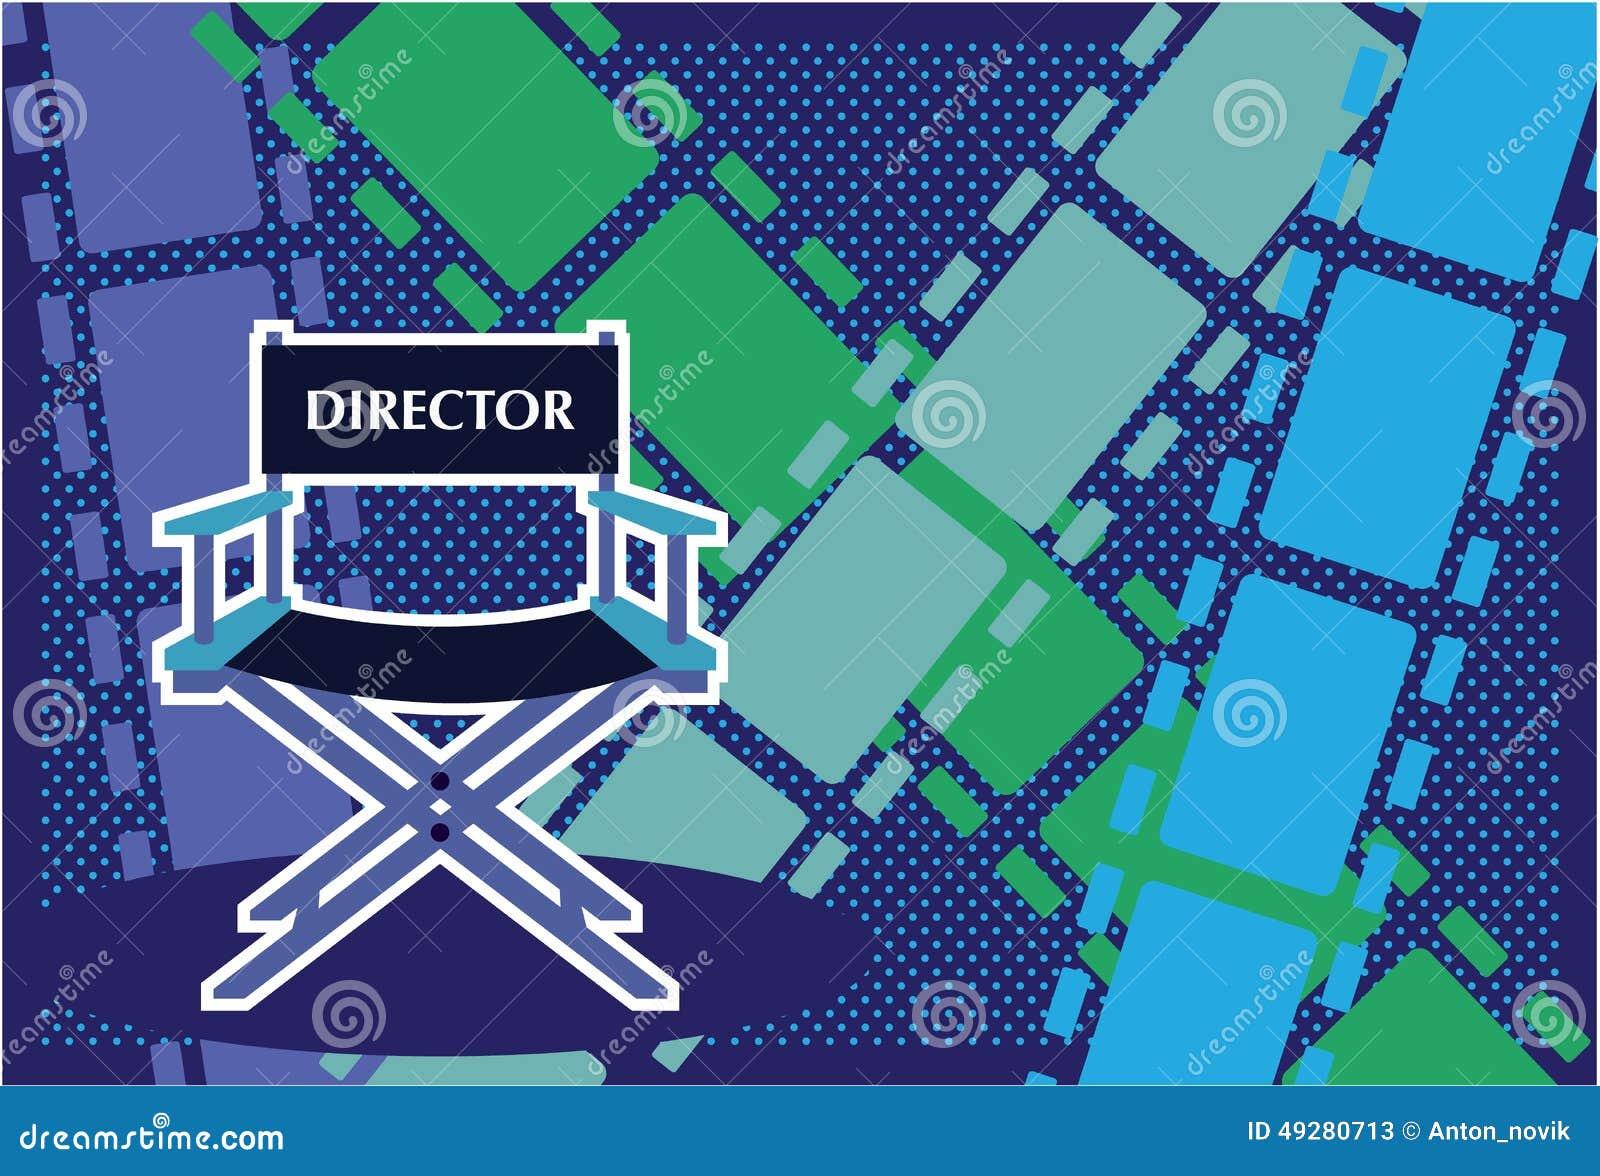 Download Vecteur De Film Chaise Directeurs Illustration